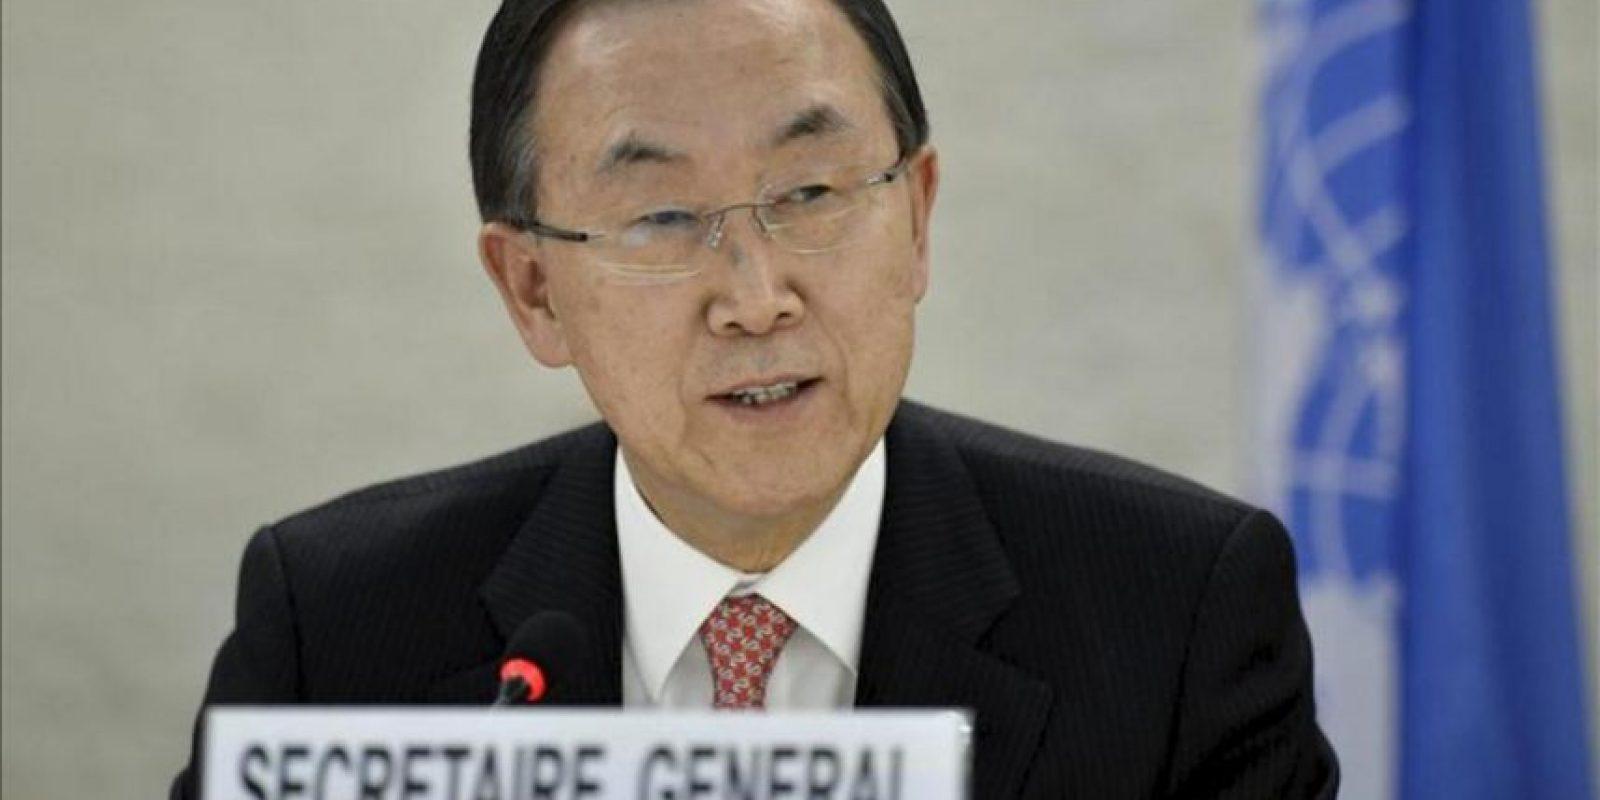 """En la imagen un registro del Secretario General de la ONU, Ban Ki-moon, quien dijo que se toma """"seriamente"""" las informaciones divulgadas la semana pasada por Estados Unidos acerca del posible empleo de armas químicas por parte del régimen sirio. EFE/Archivo"""